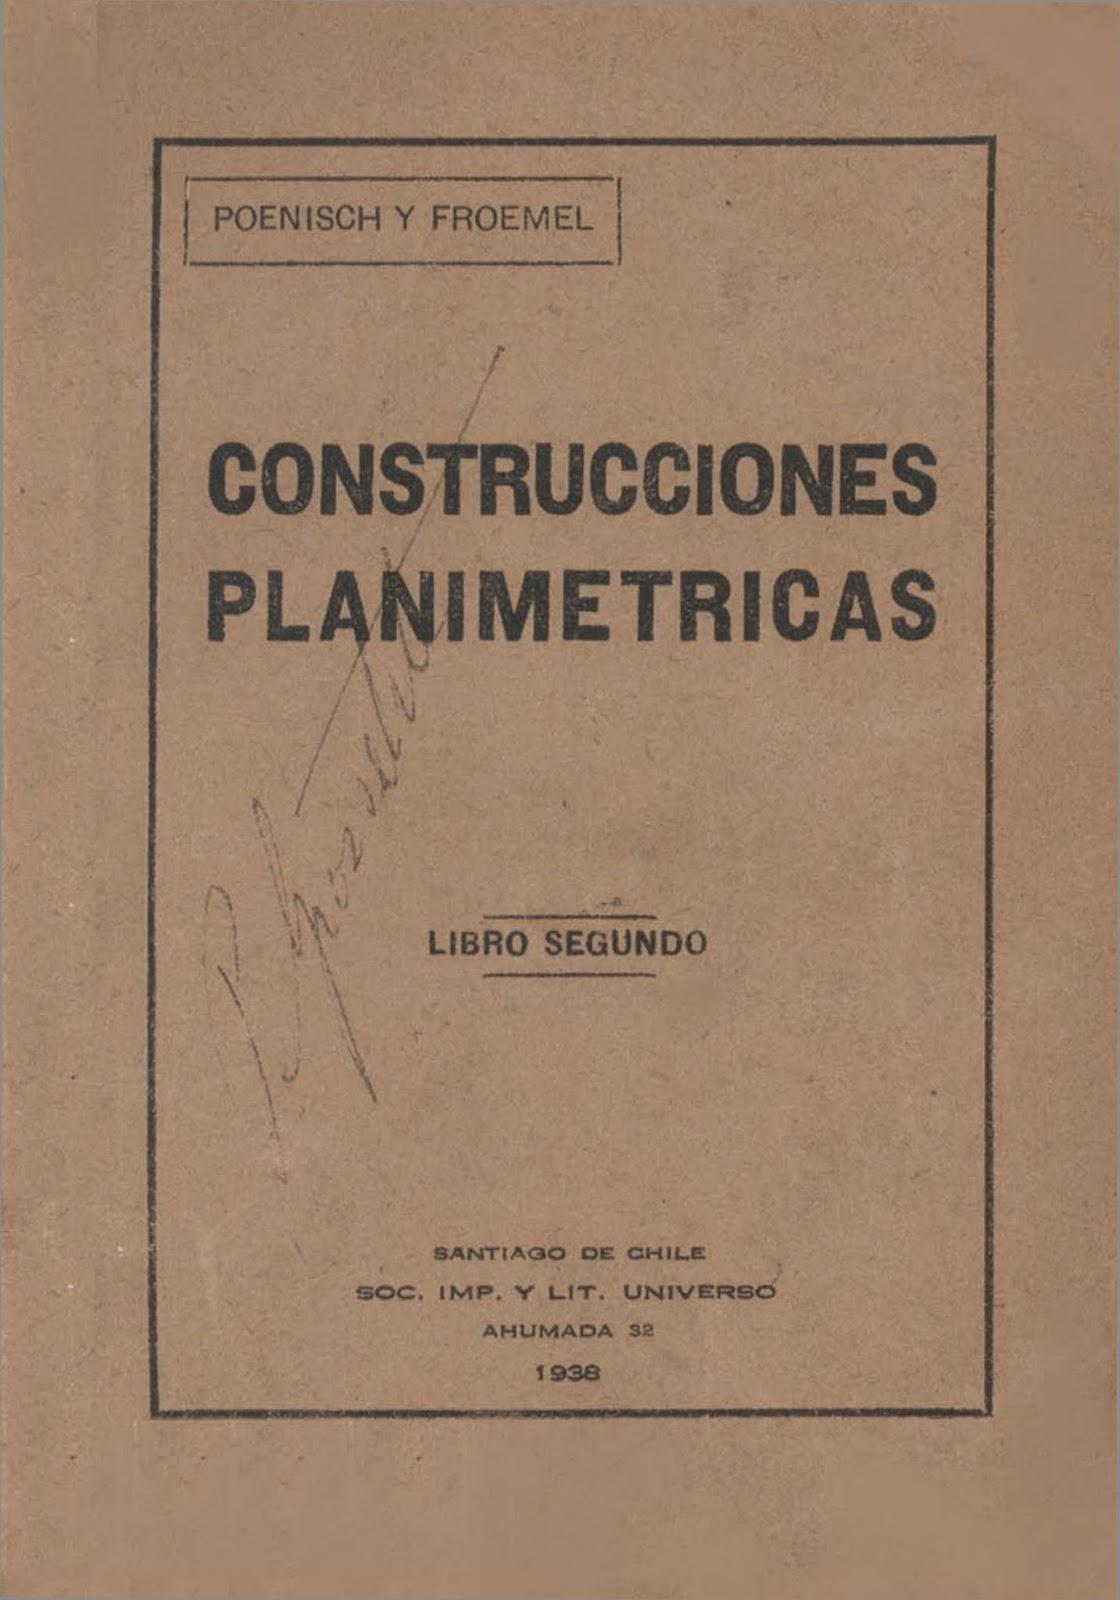 Construcciones Planimétricas – Ricardo Poenisch